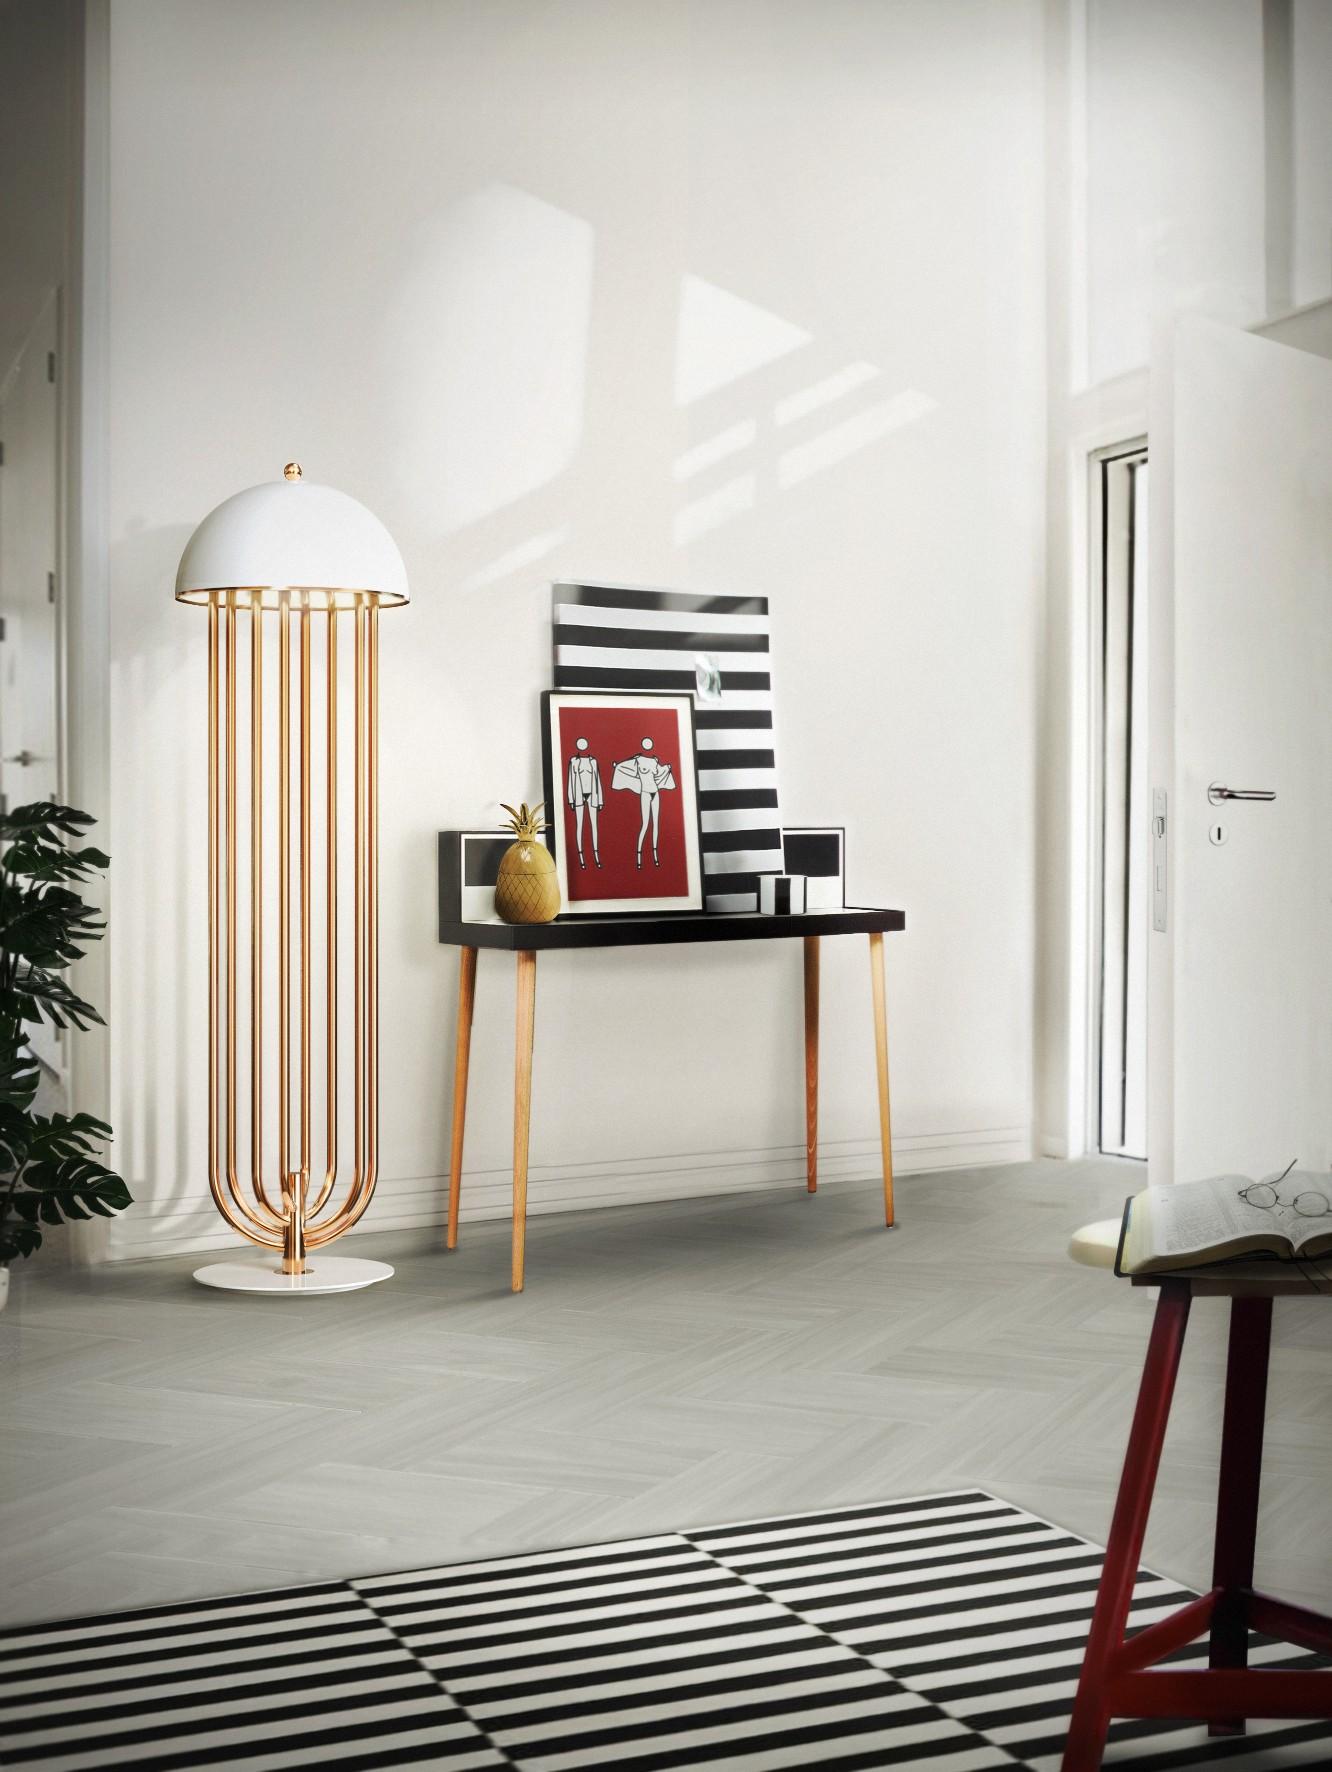 Summertime Mood Boards  Summertime mood boards Feel Inspired By These Summertime Mood Boards and Floor Lamps! Feel Inspired By These Mood Board and Floor Lamps 4